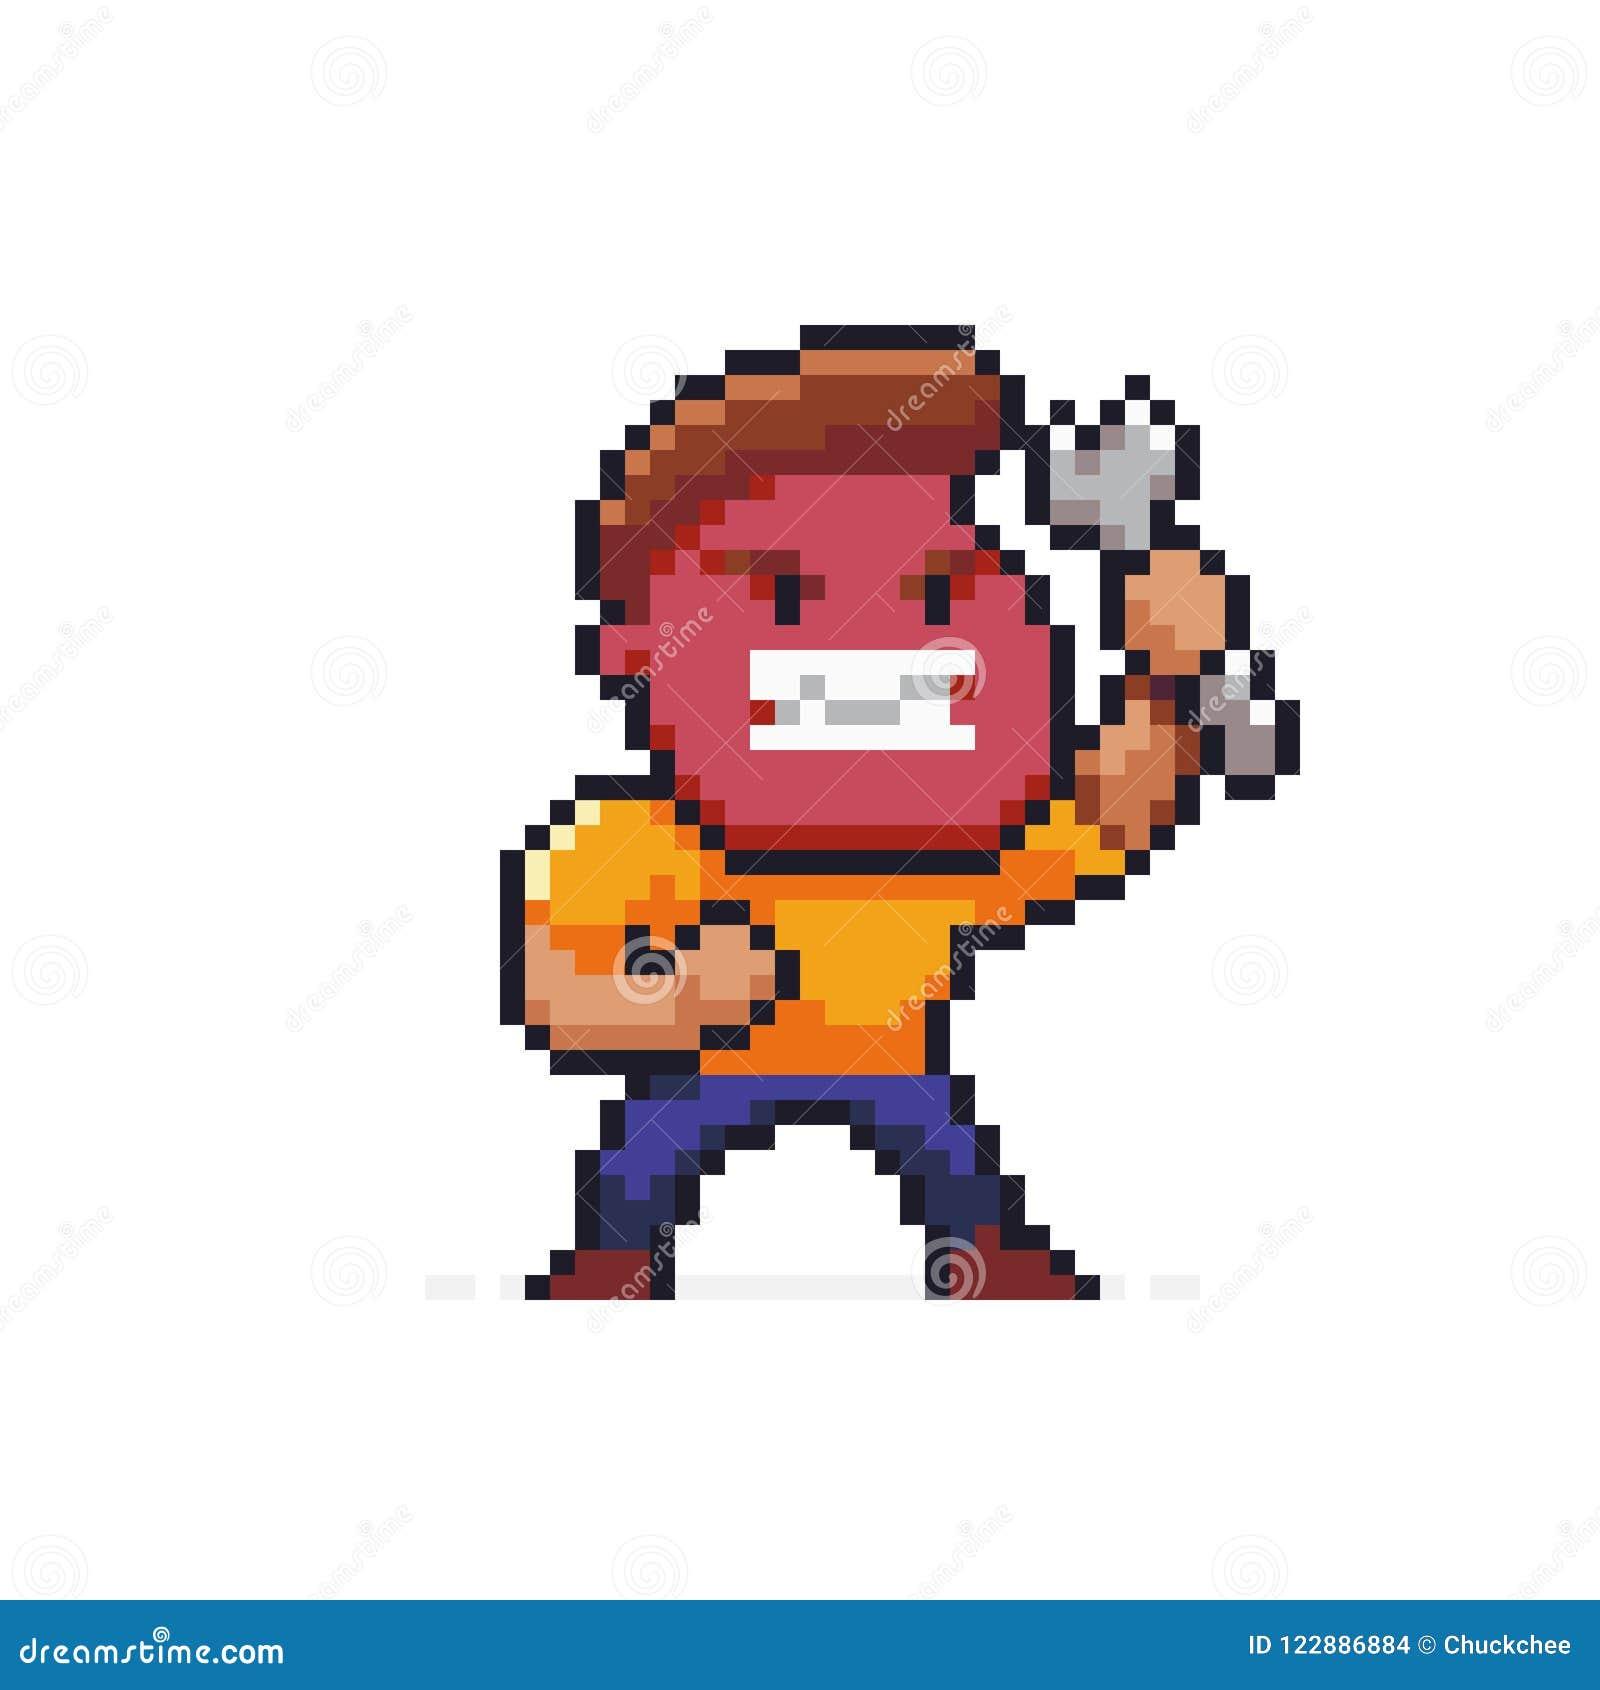 Pixel art angry mechanic